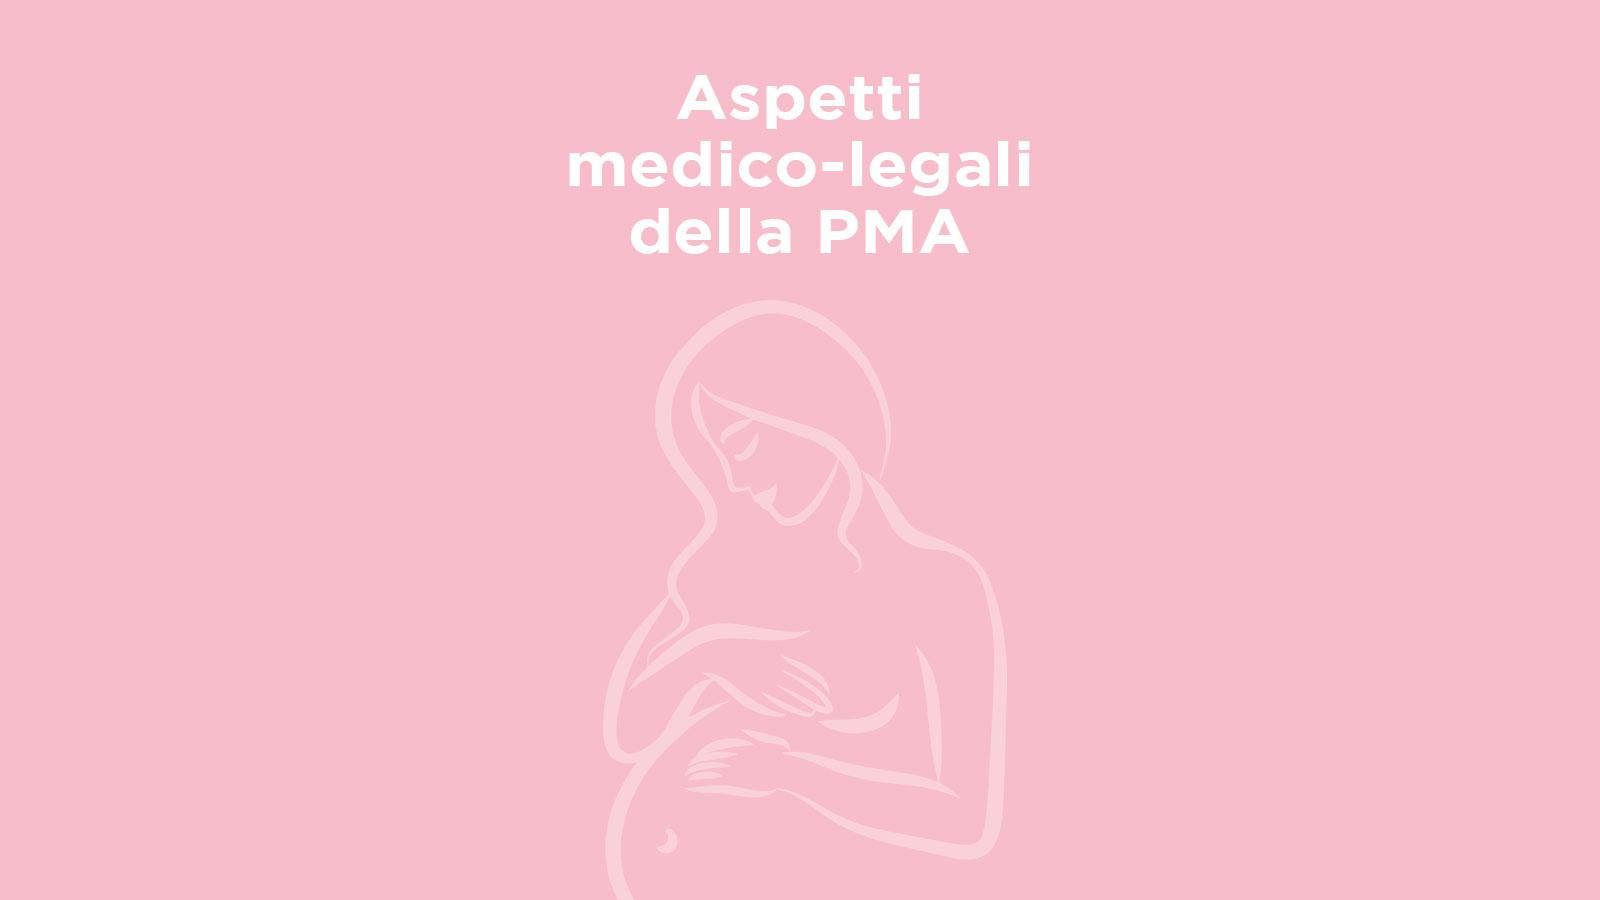 Aspetti medico-legali della PMA